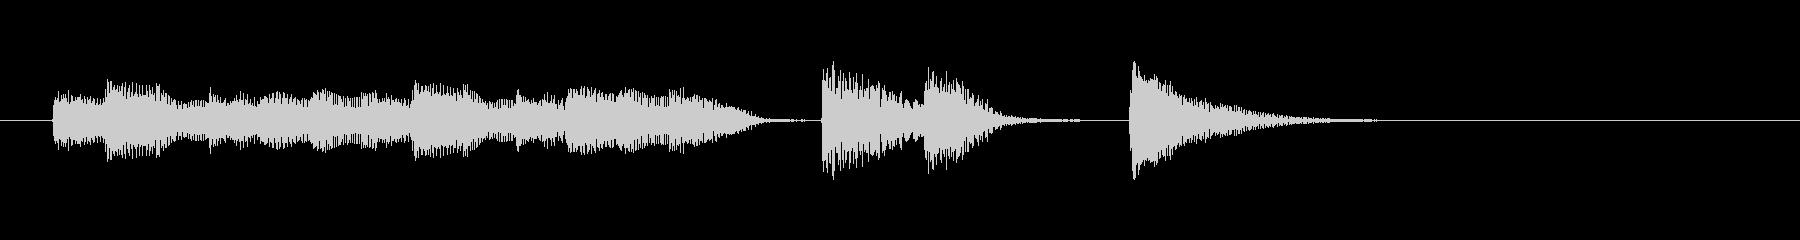 オチピアノ③ ズッコケ 場面転換の未再生の波形